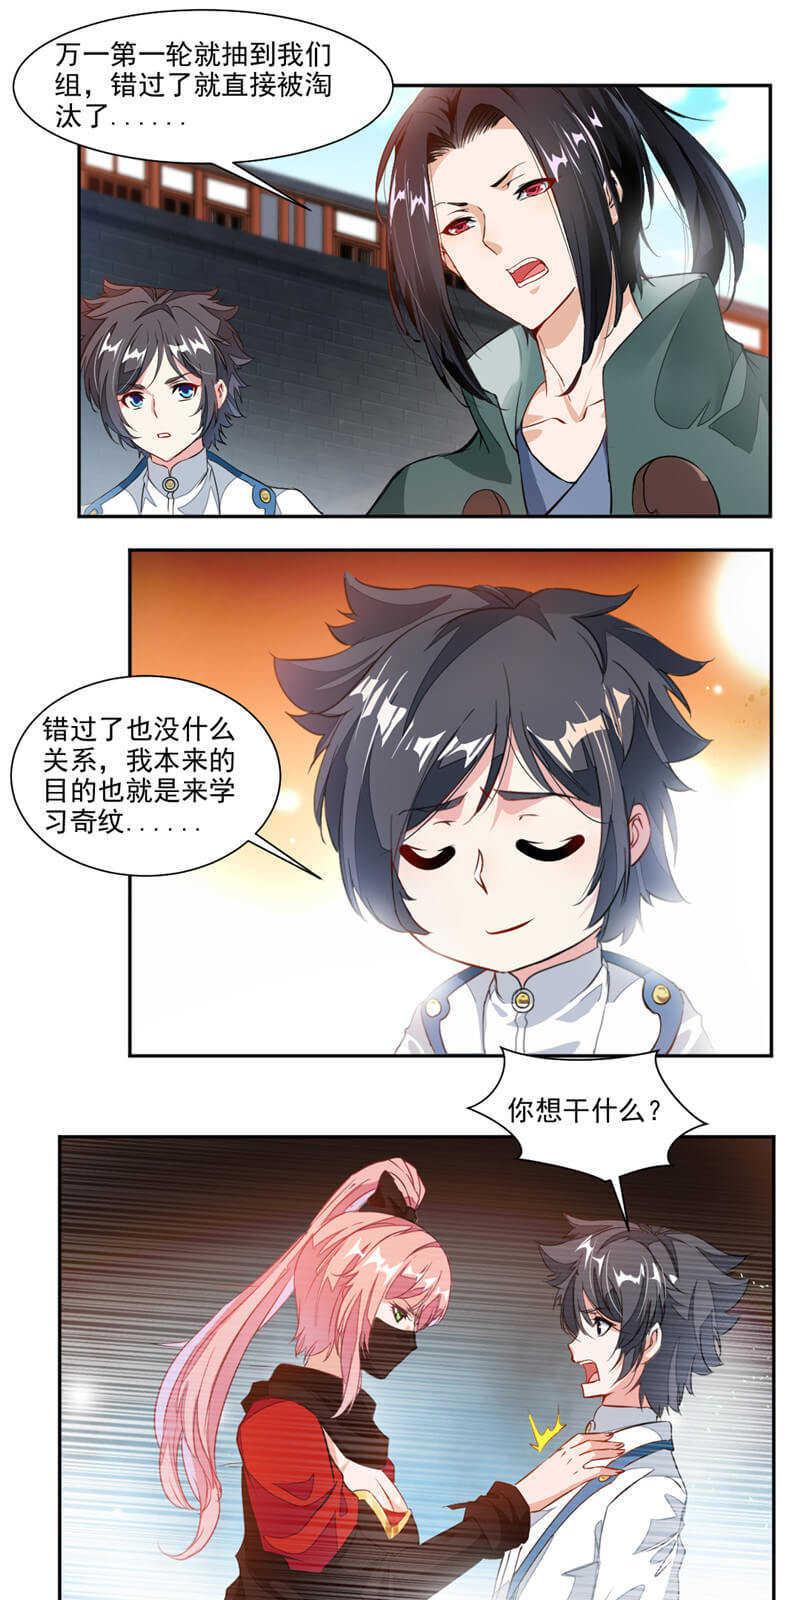 九阳神王第42话  潜龙武道大会 第 16